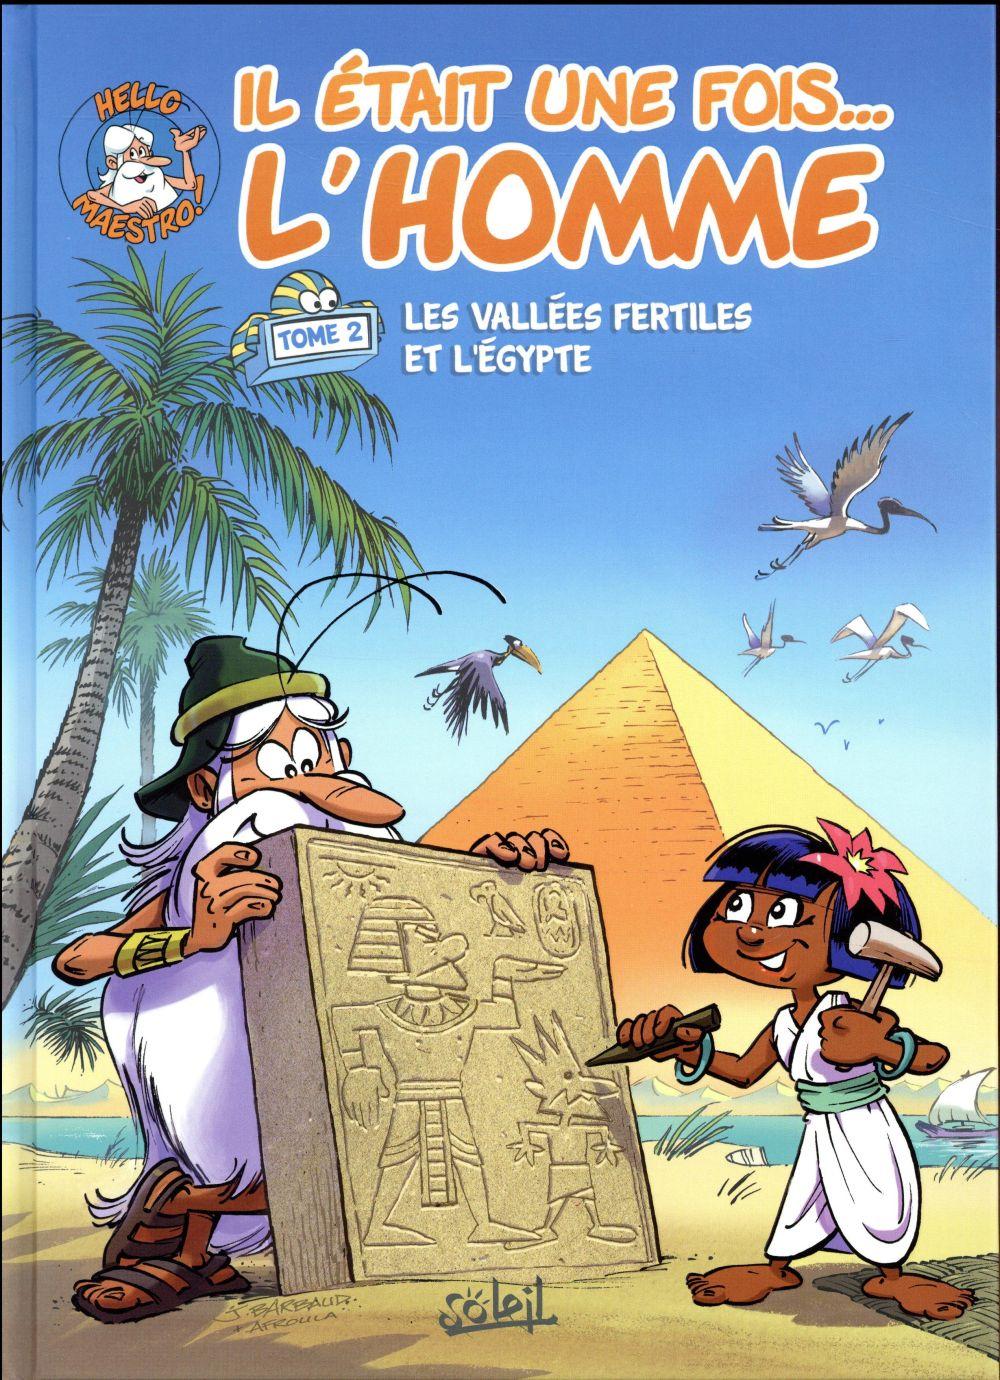 IL ETAIT UNE FOIS L'HOMME T02 - LES VALLEES FERTILES ET L'EGYPTE Gaudin Jean-Charles